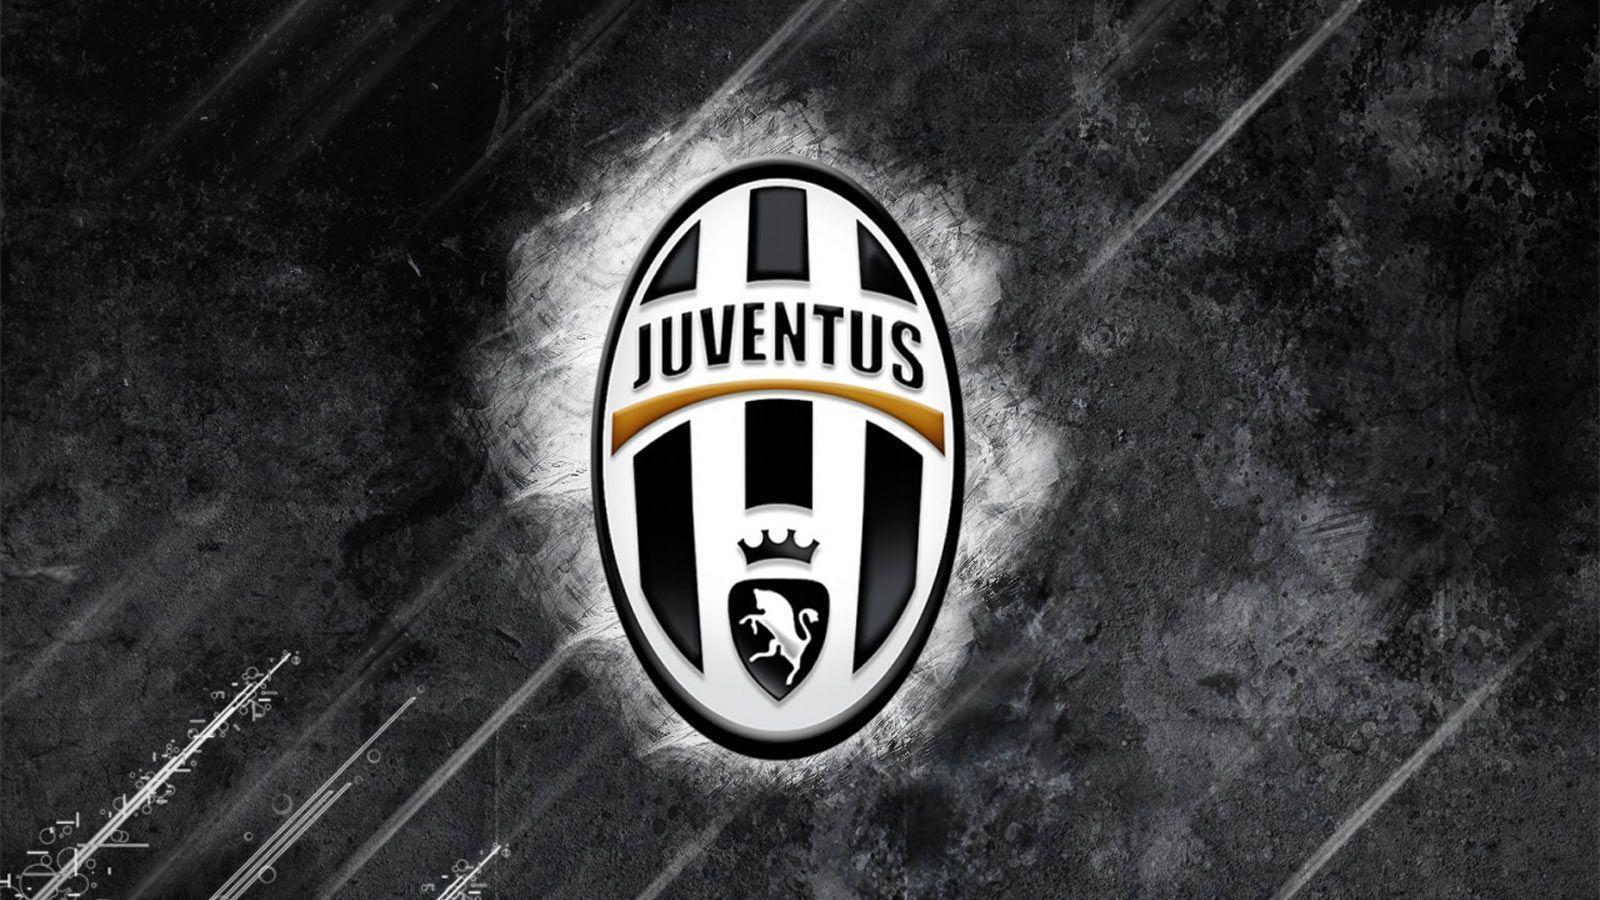 Juventus Wallpaper Vidal | Wallpaper | Basic Background